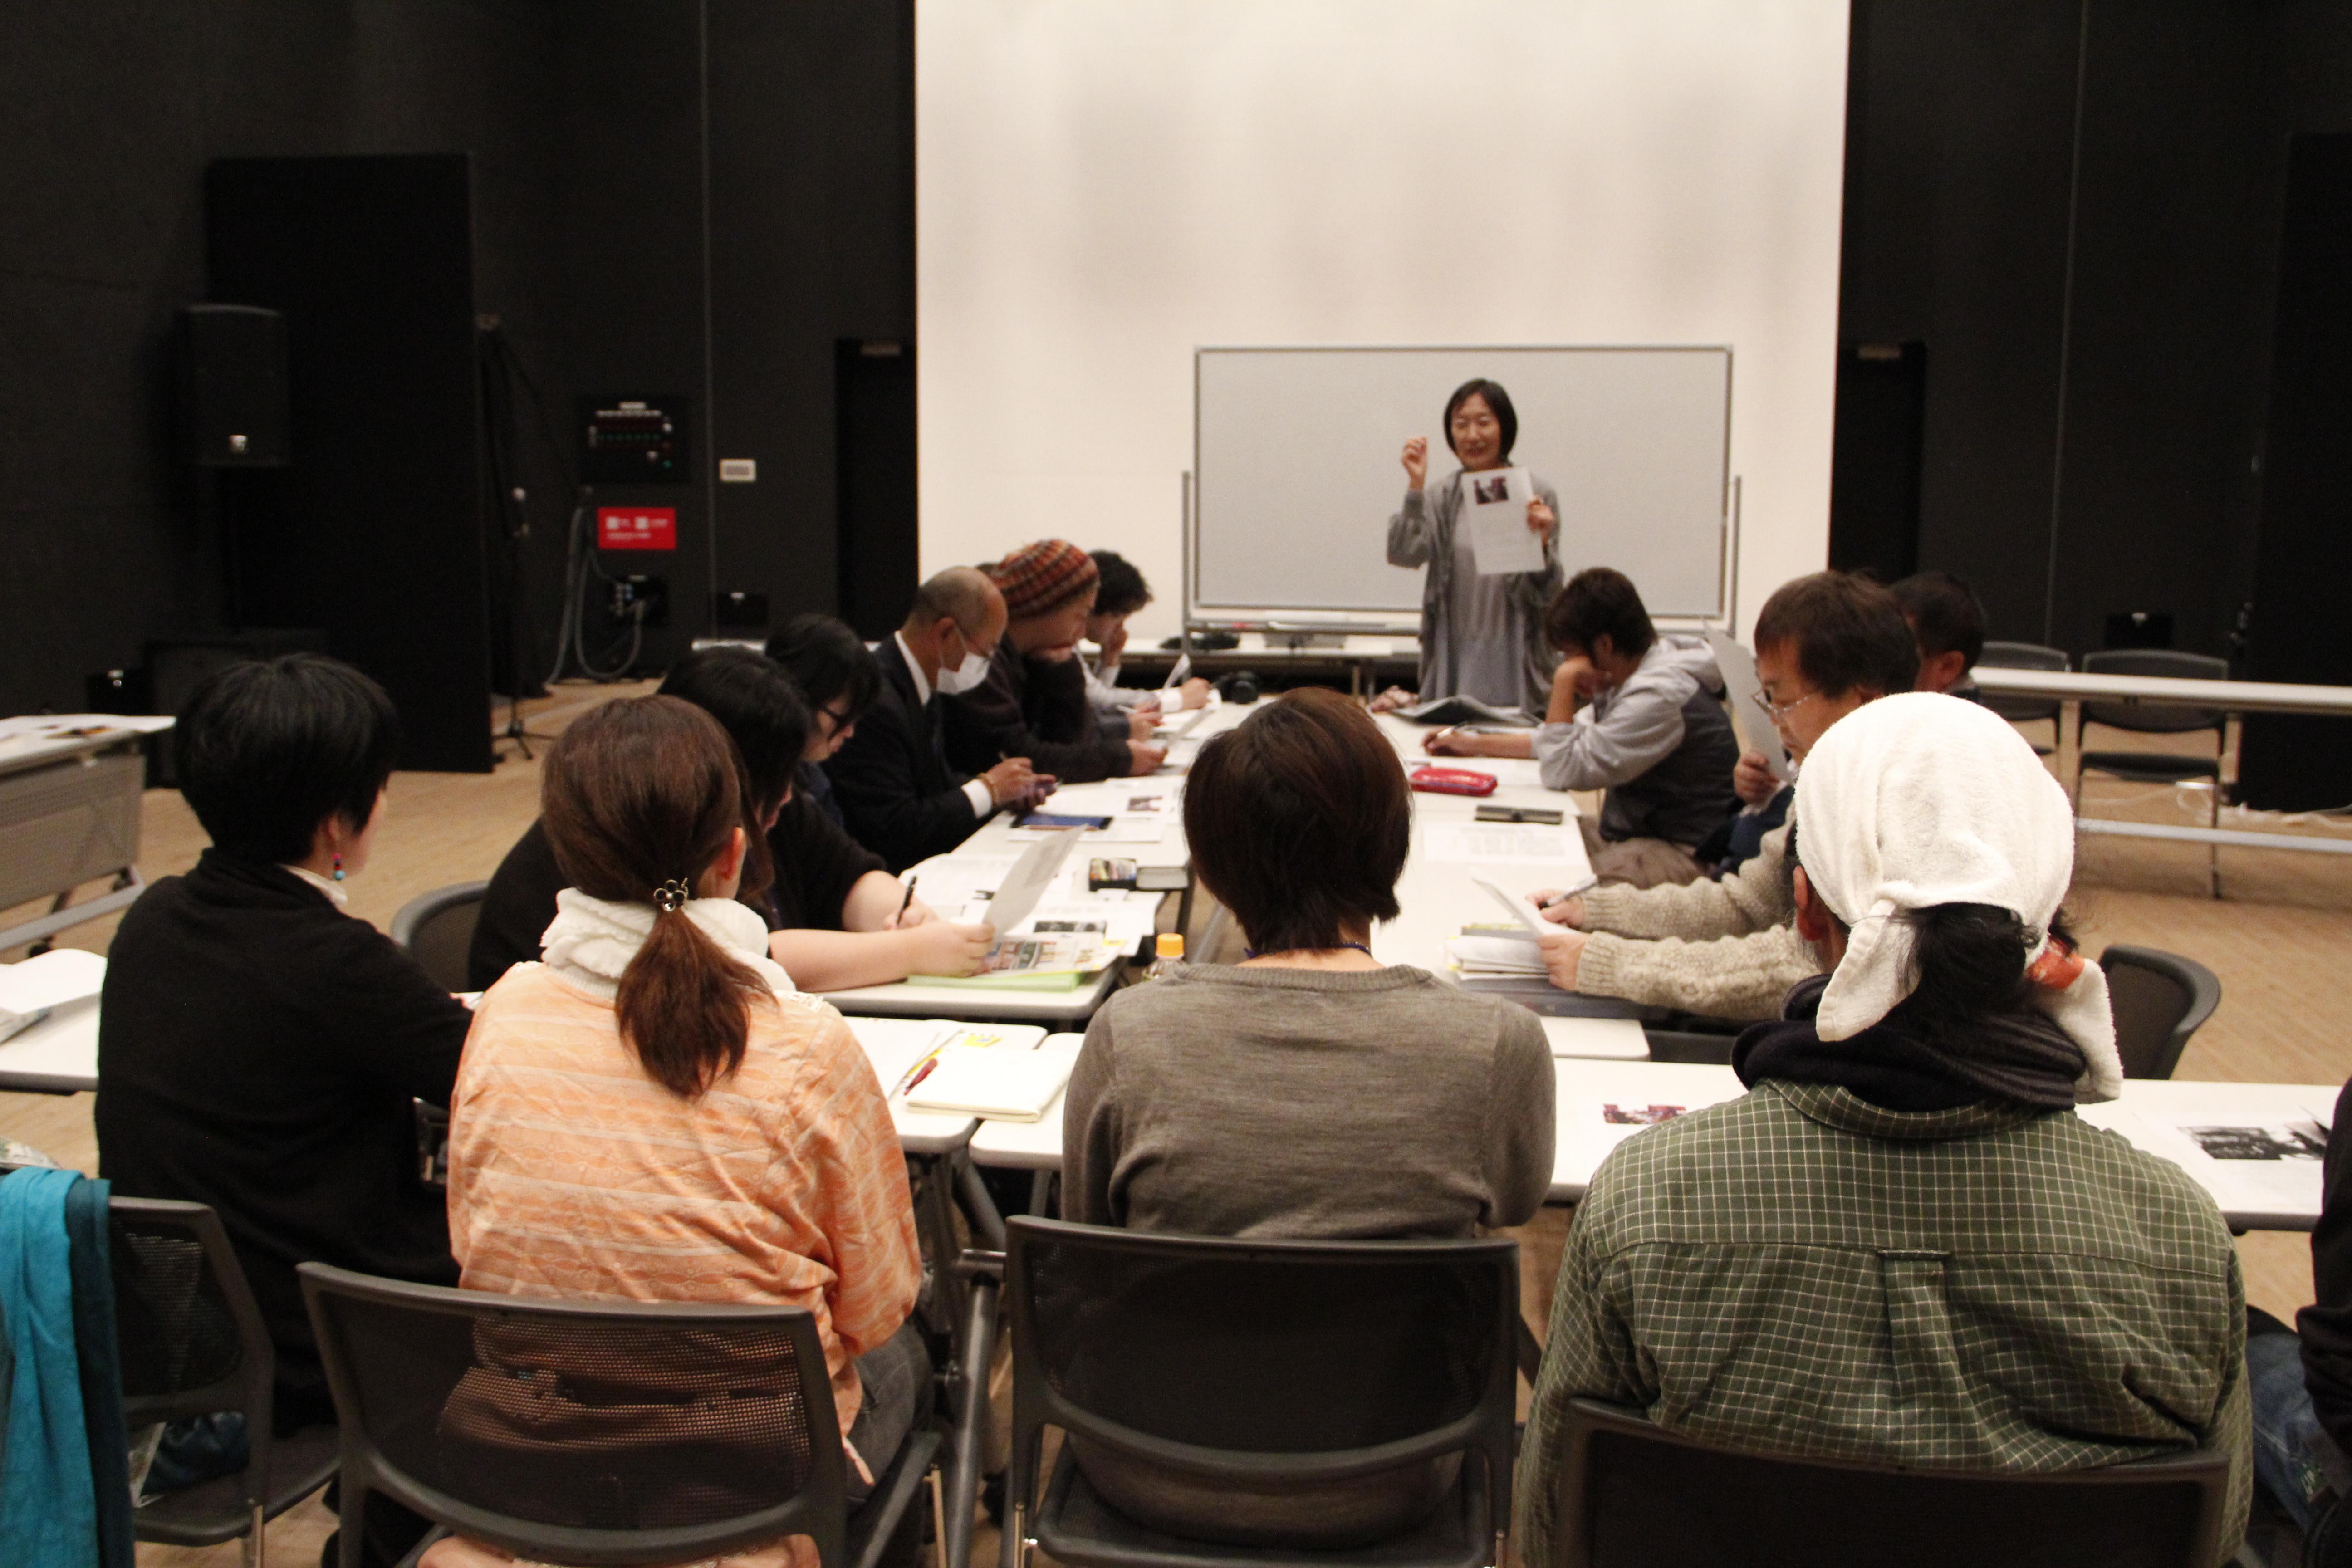 http://hacchi.jp/blog/upload/images/20140120-5.JPG